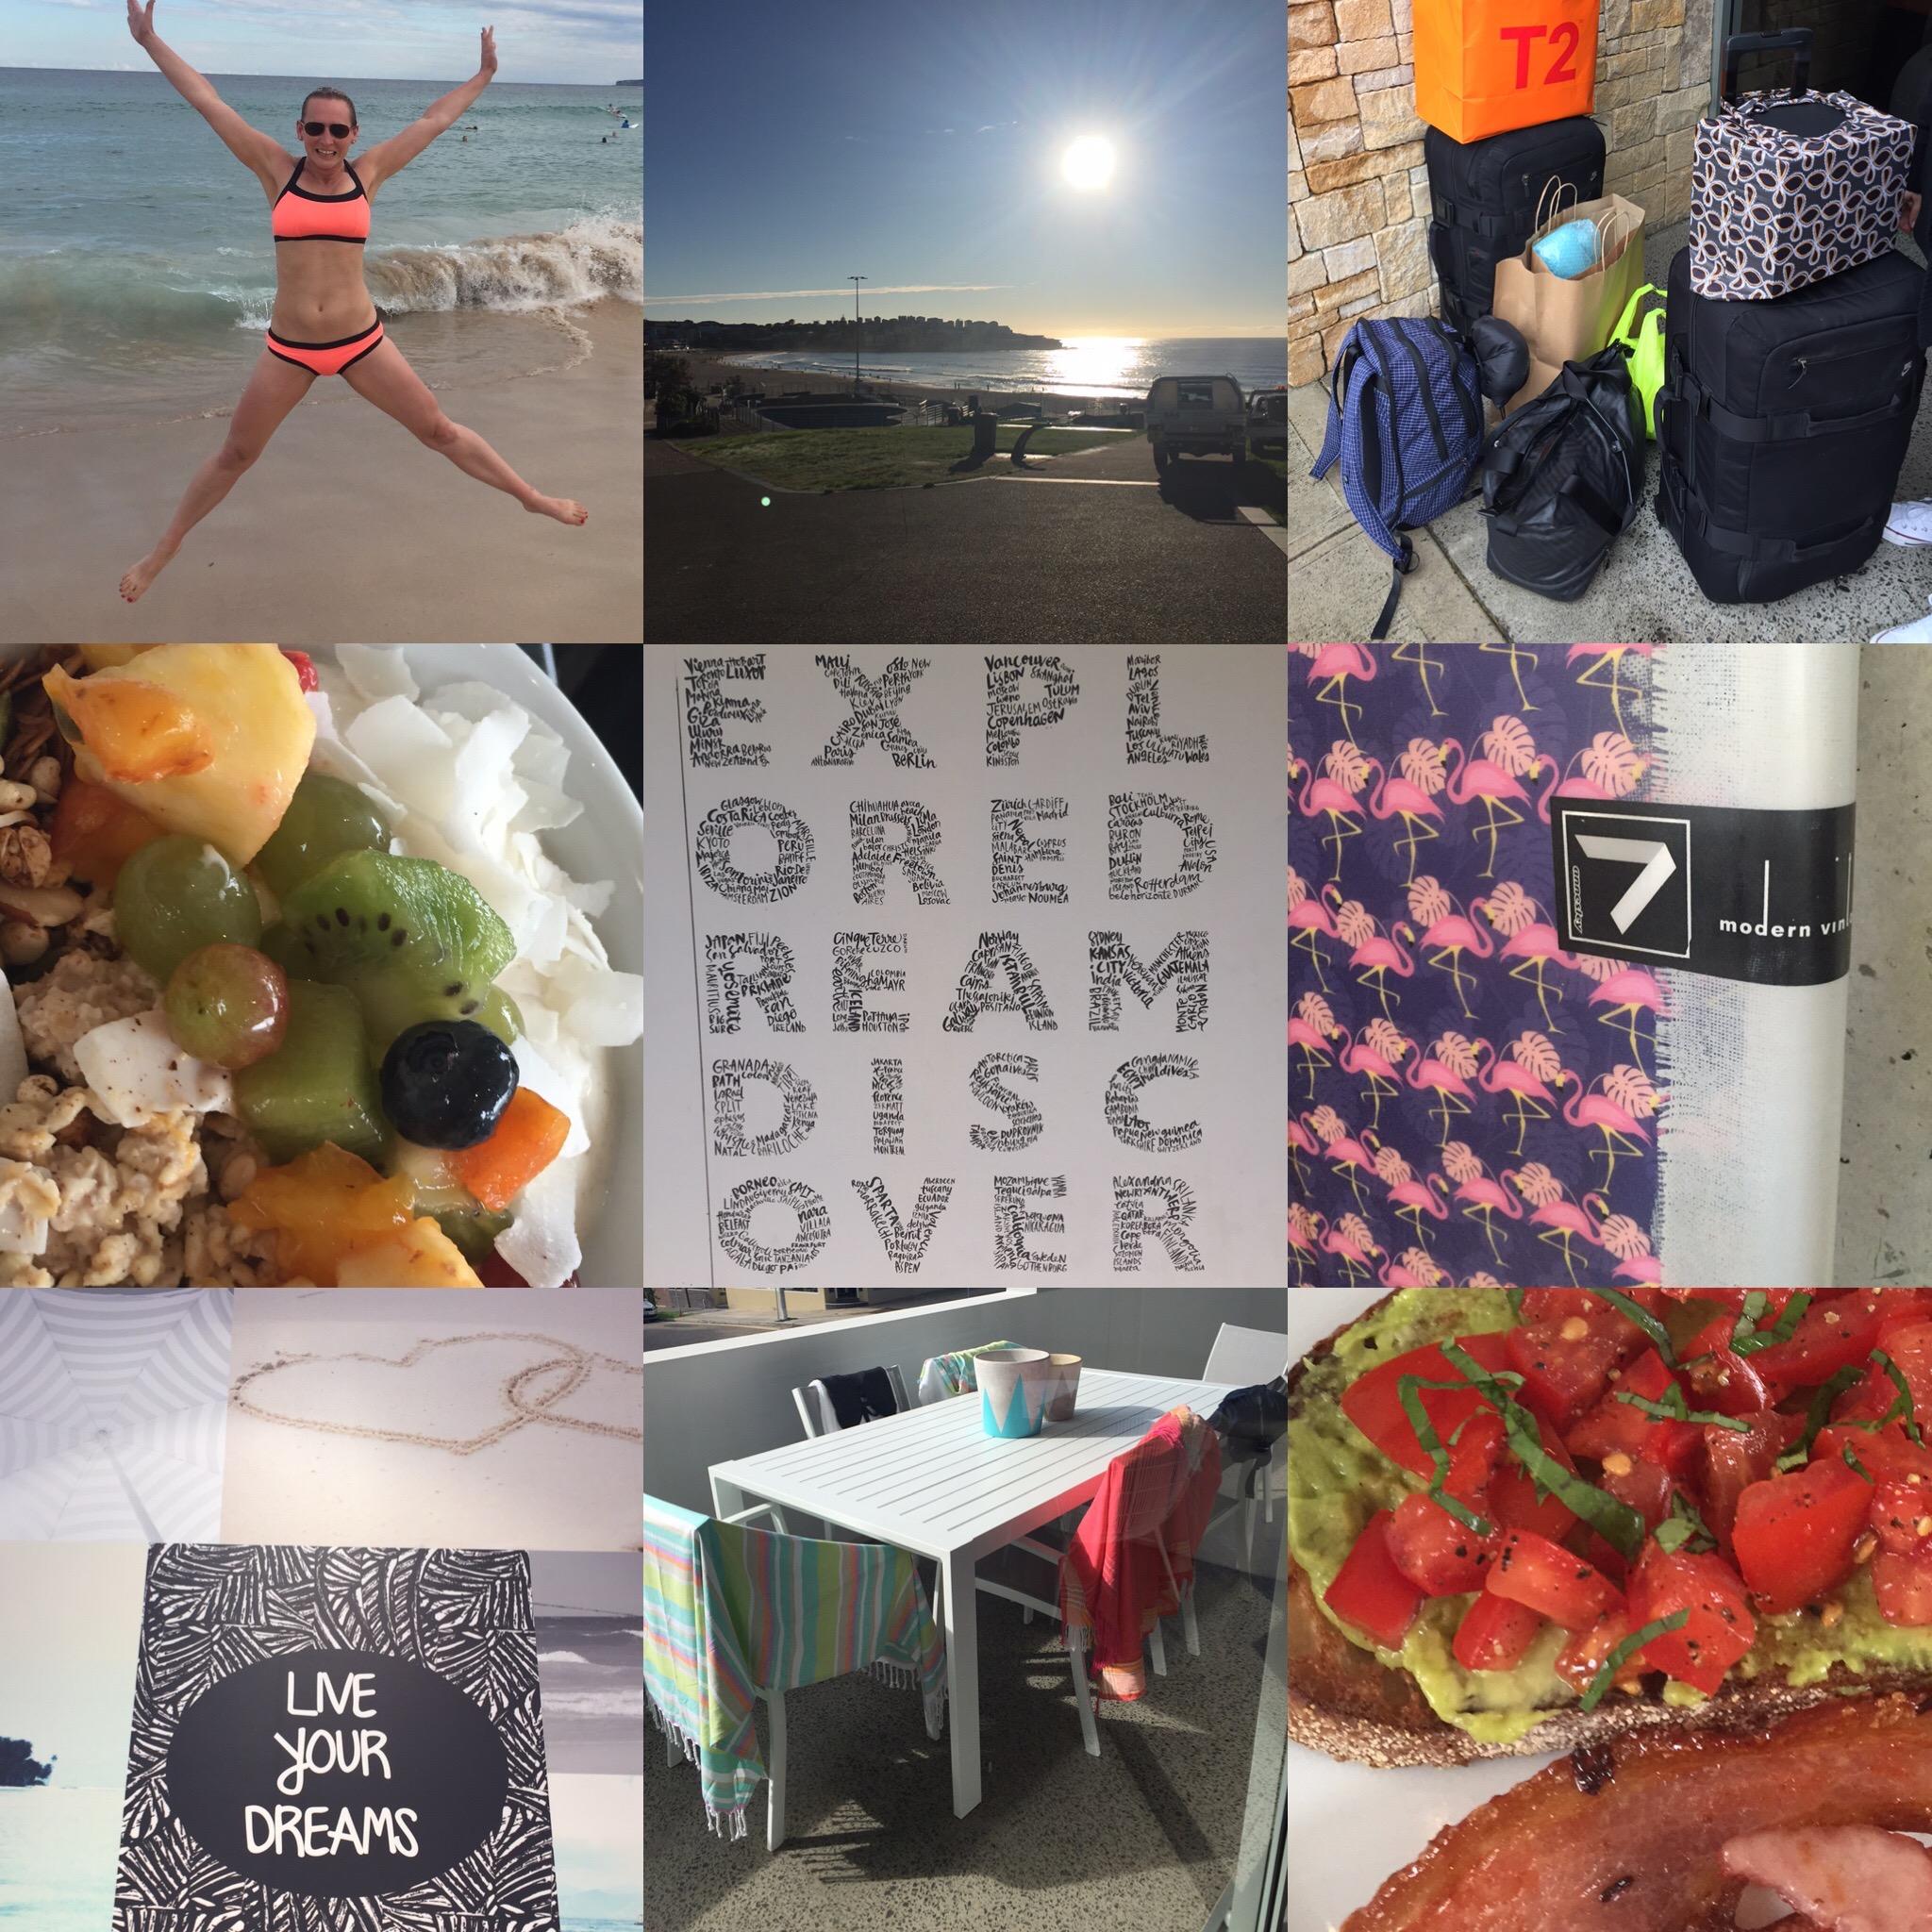 explore_dream_discpver